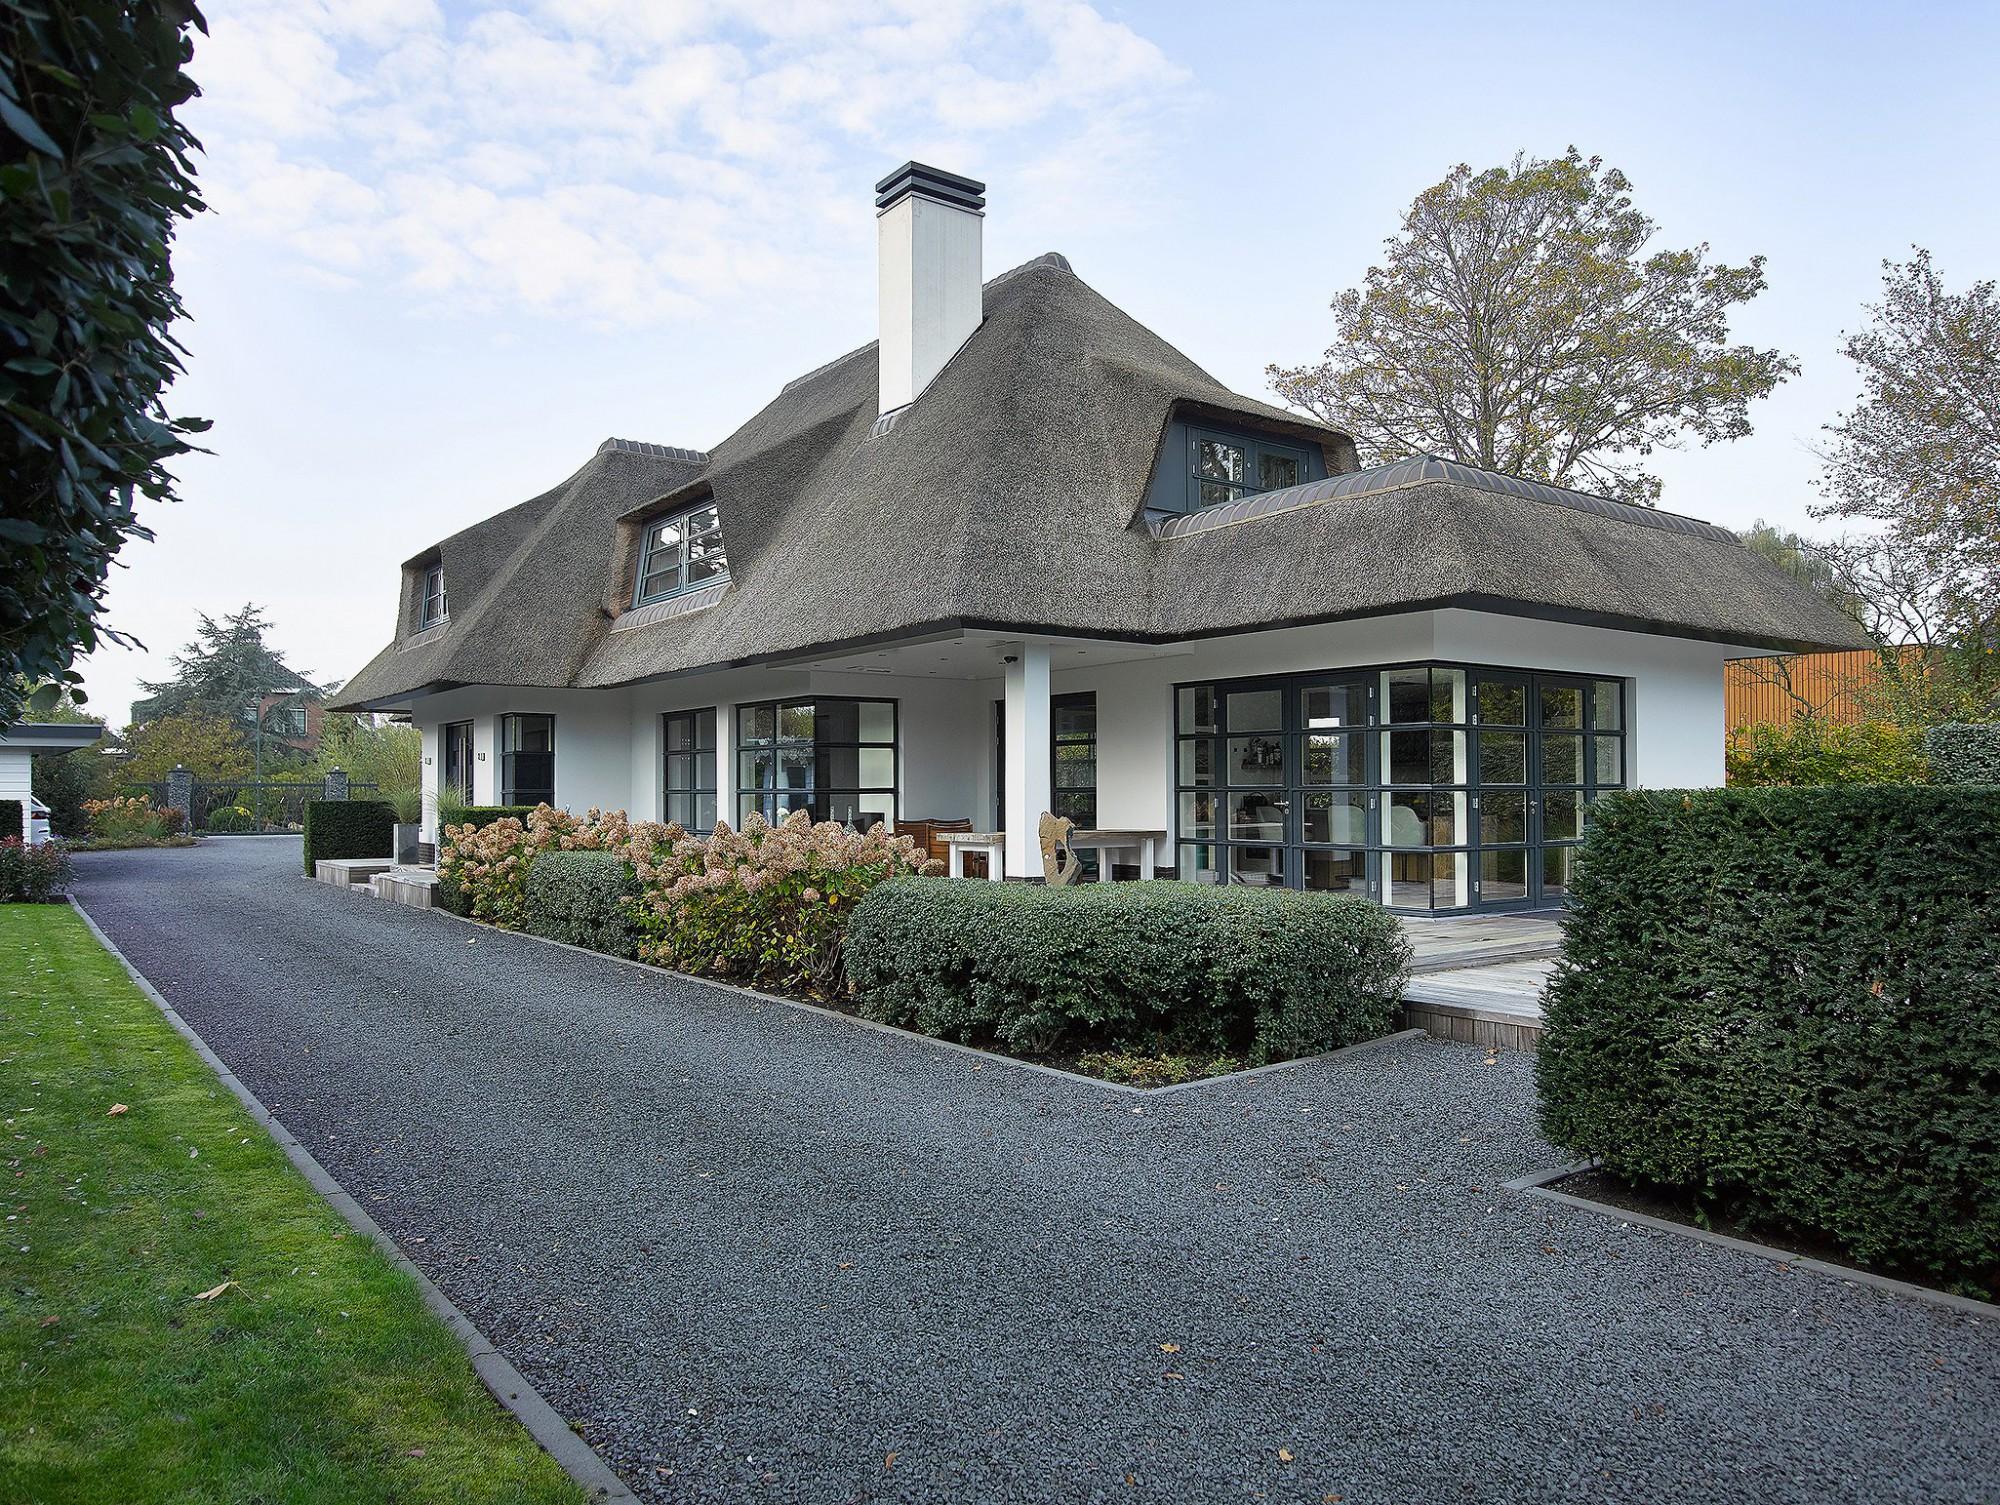 Afbeelding: Architectuur fotografie klassieke woningen, © Tukker architecten, NL, foto Van Huffel.